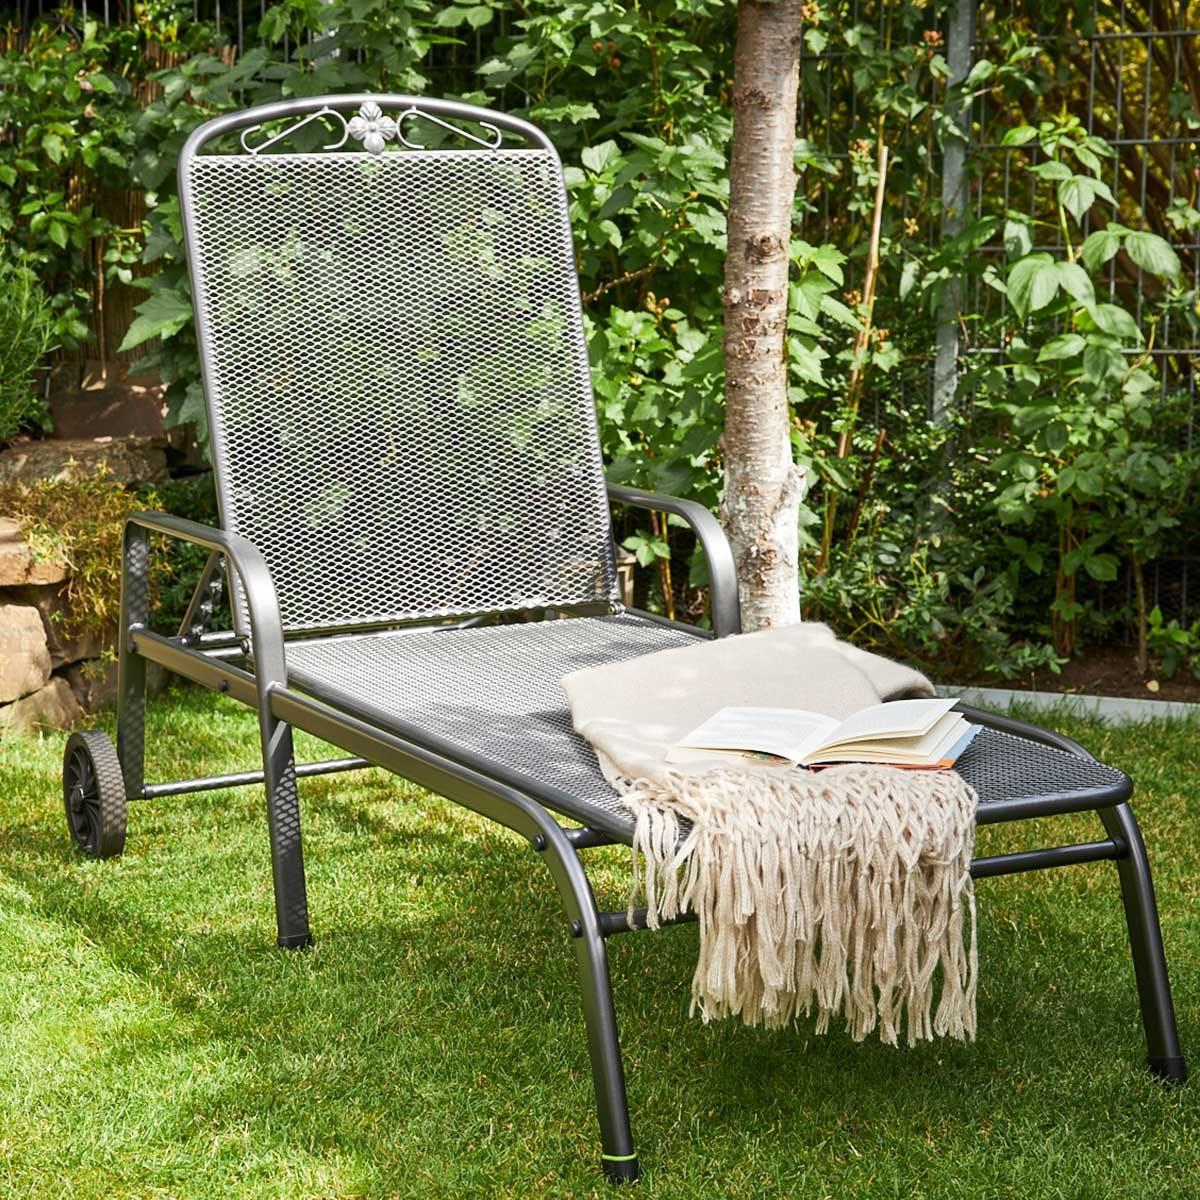 Royal Garden Savoy Sun Lounger - Grey